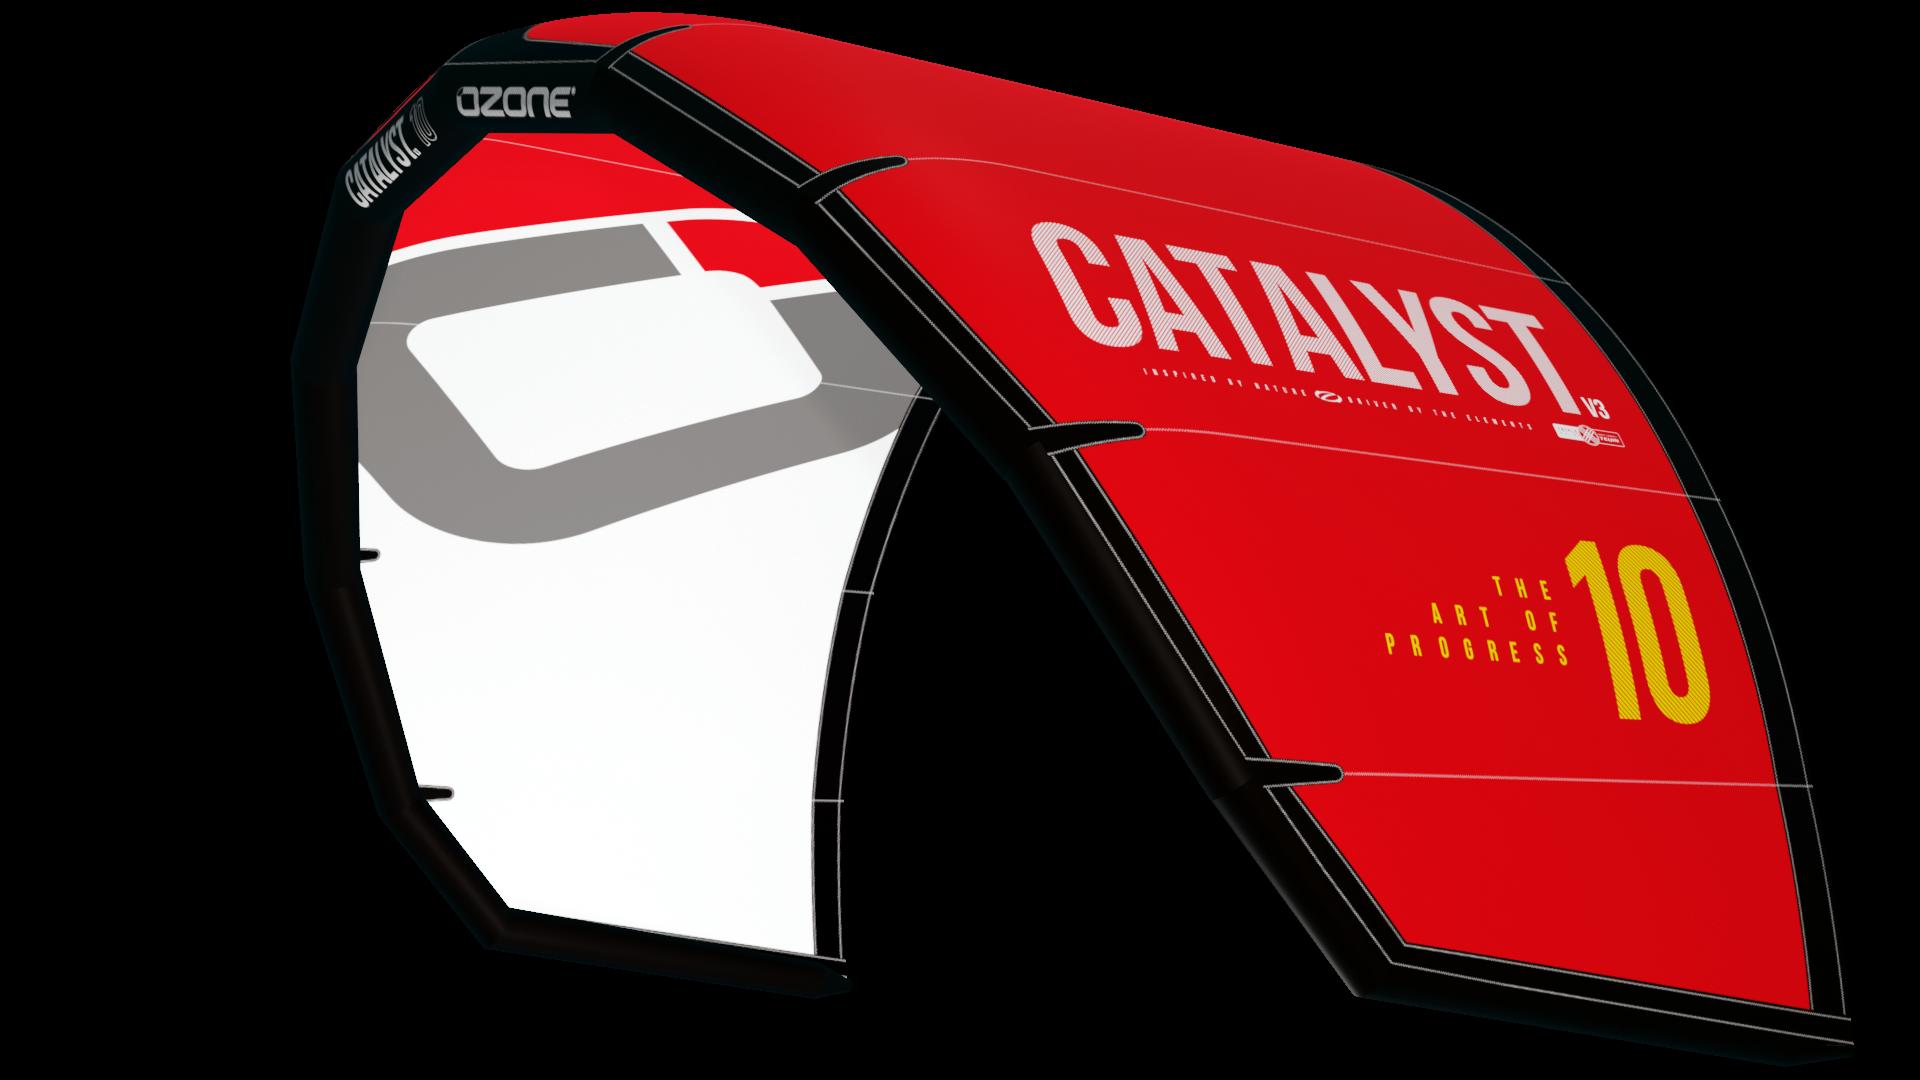 Ozone Catalyst V3 6m Kite